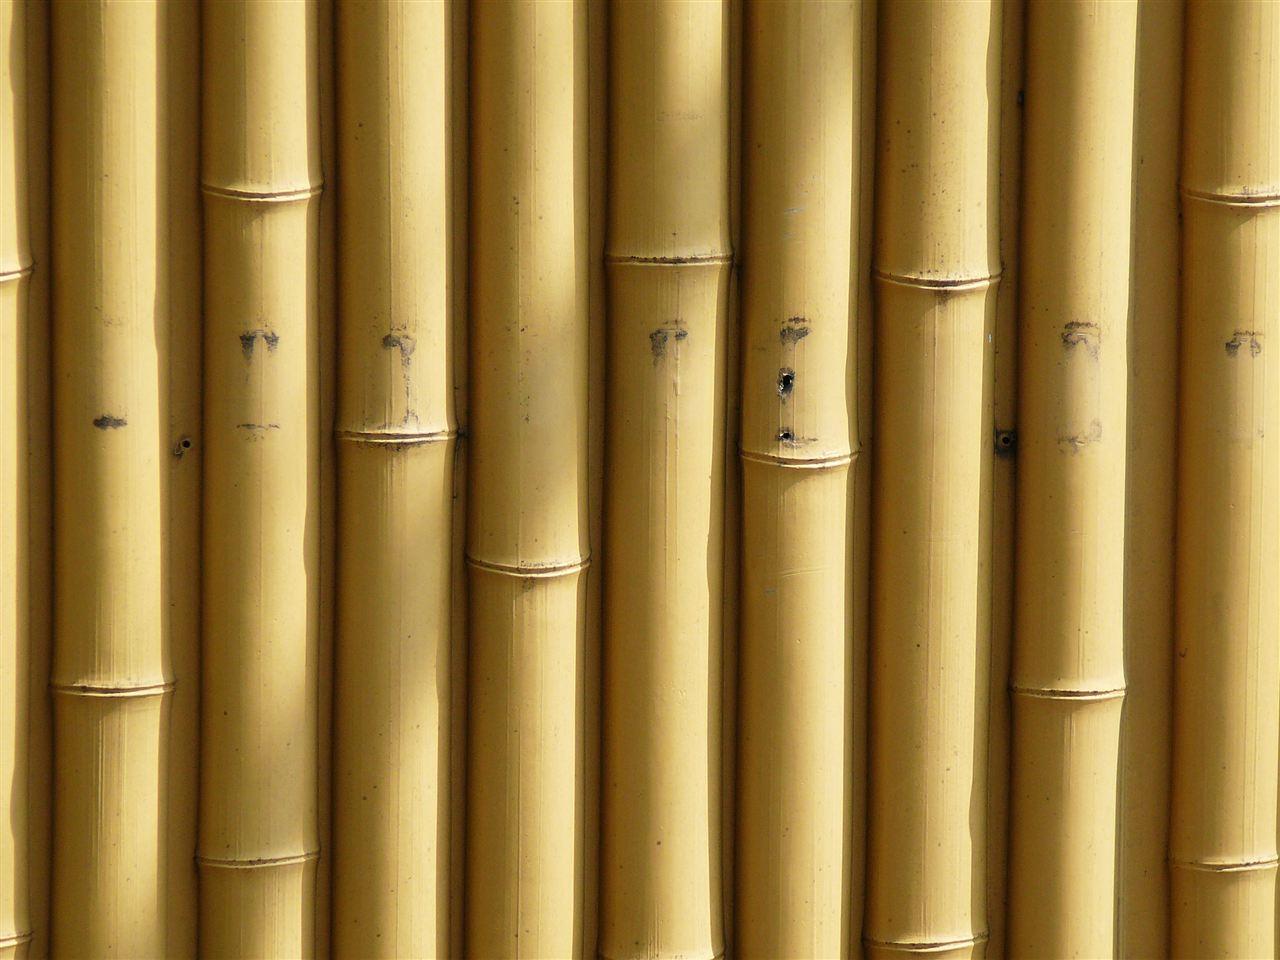 Bambu jakkarat